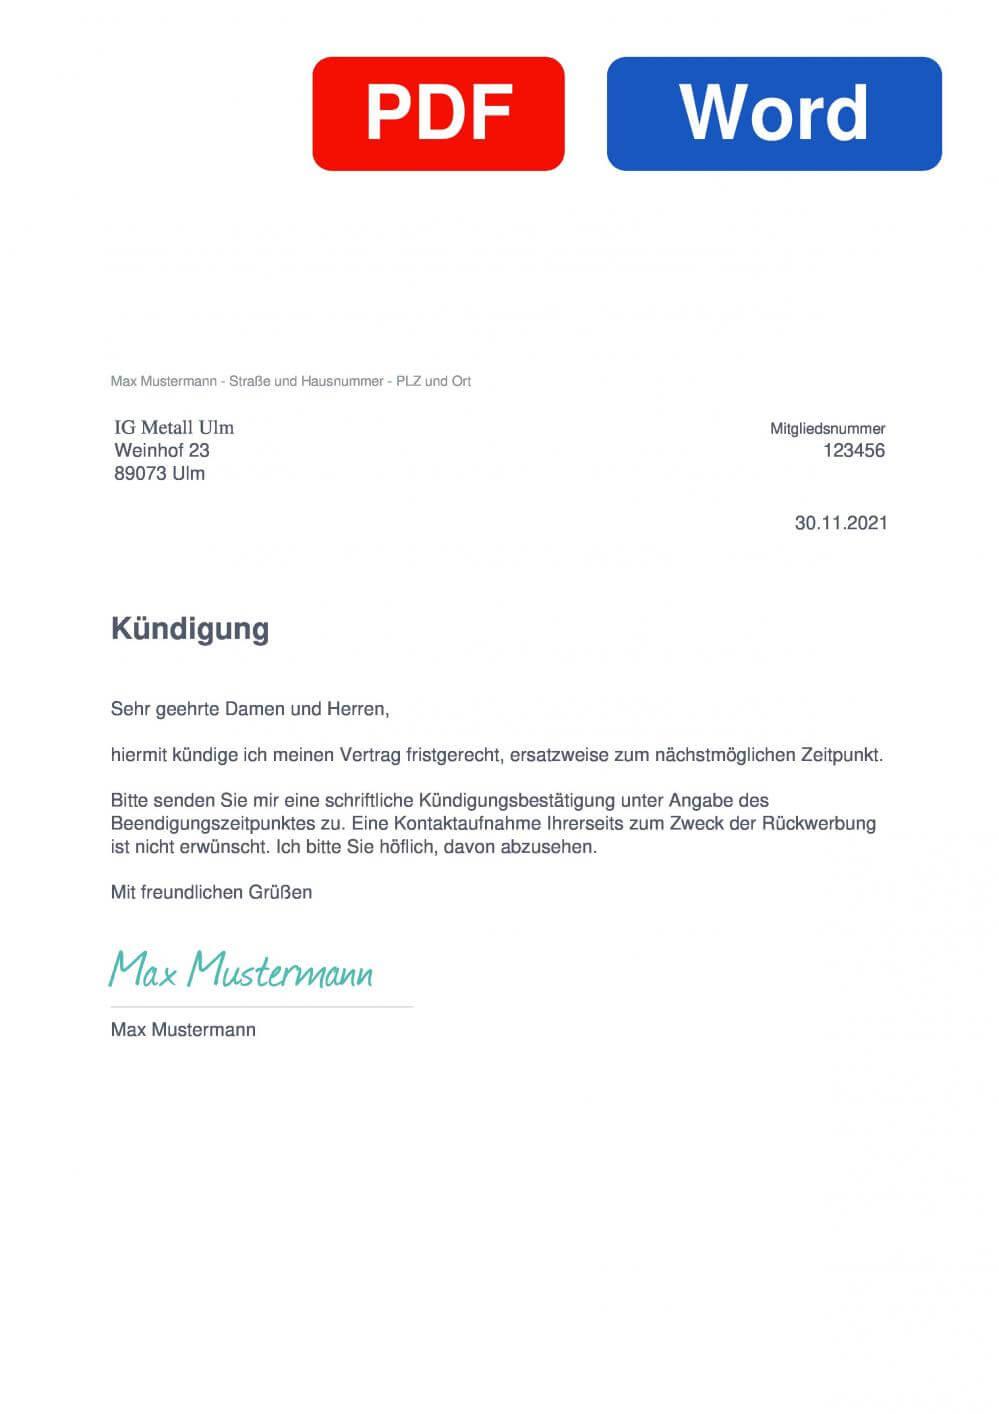 IG Metall Ulm Muster Vorlage für Kündigungsschreiben